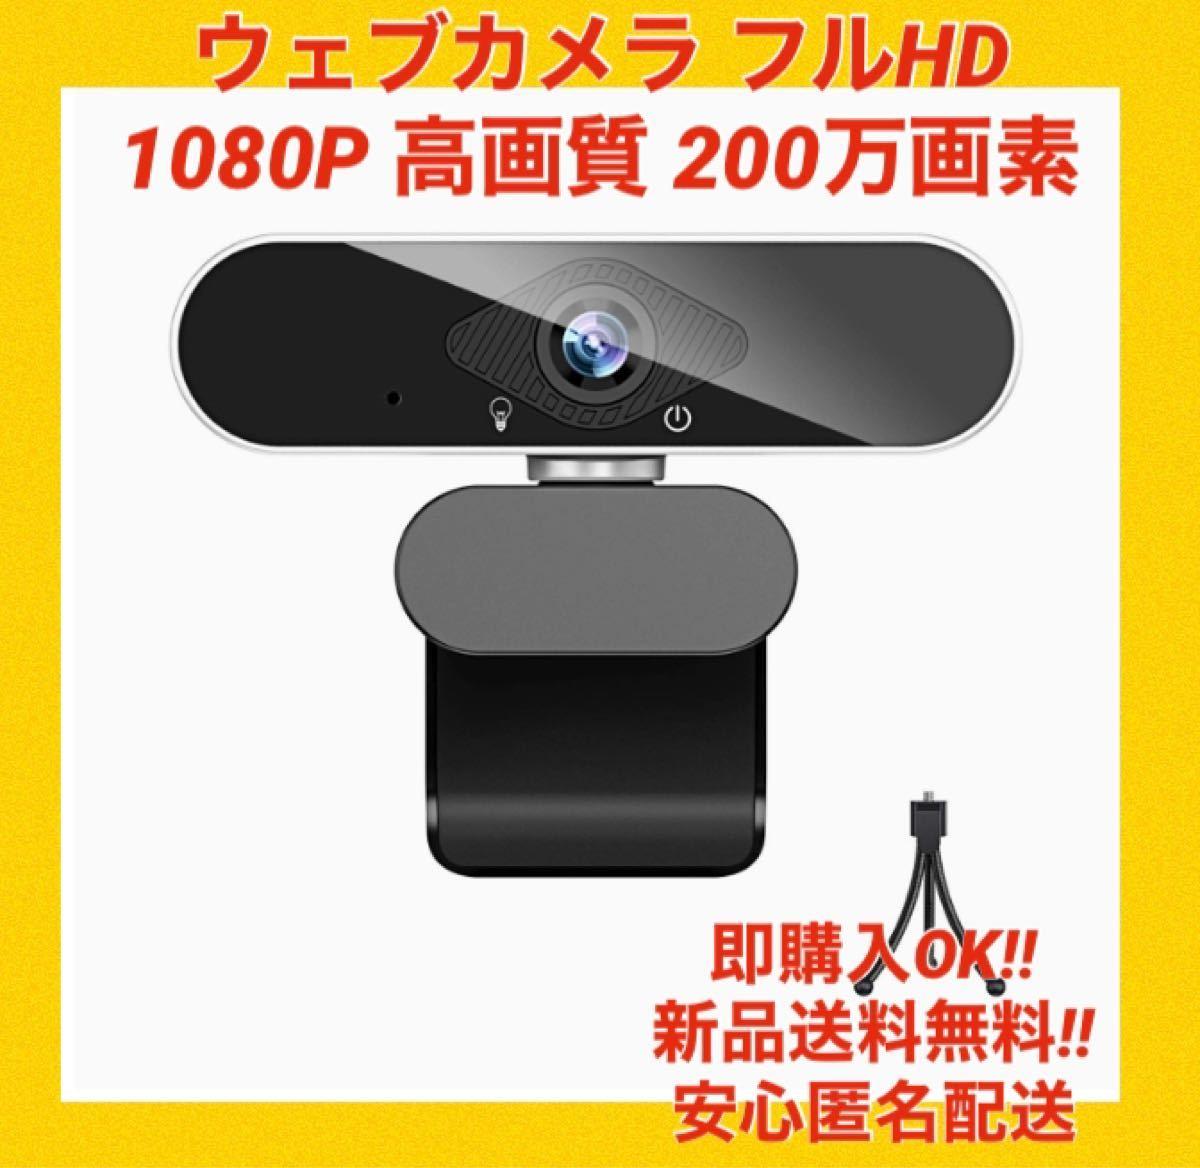 ウェブカメラ フルHD 1080P 高画質 200万画素webカメラ マイク付き